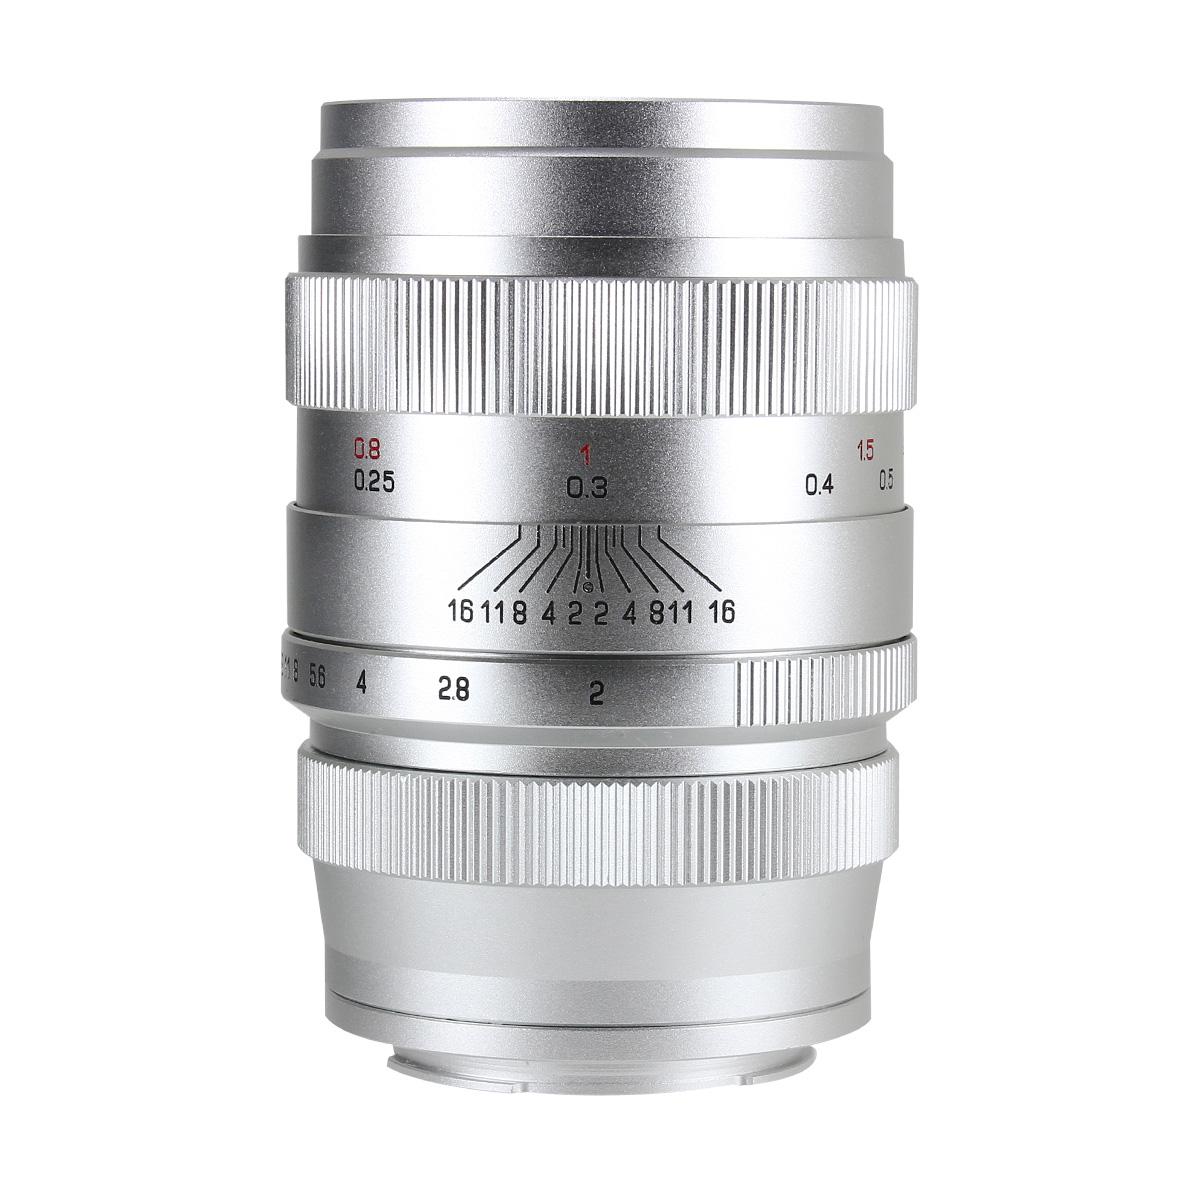 中一光学 CREATOR アウトレット 35mm F2 単焦点レンズ セール 登場から人気沸騰 ソニーEマウント シルバー